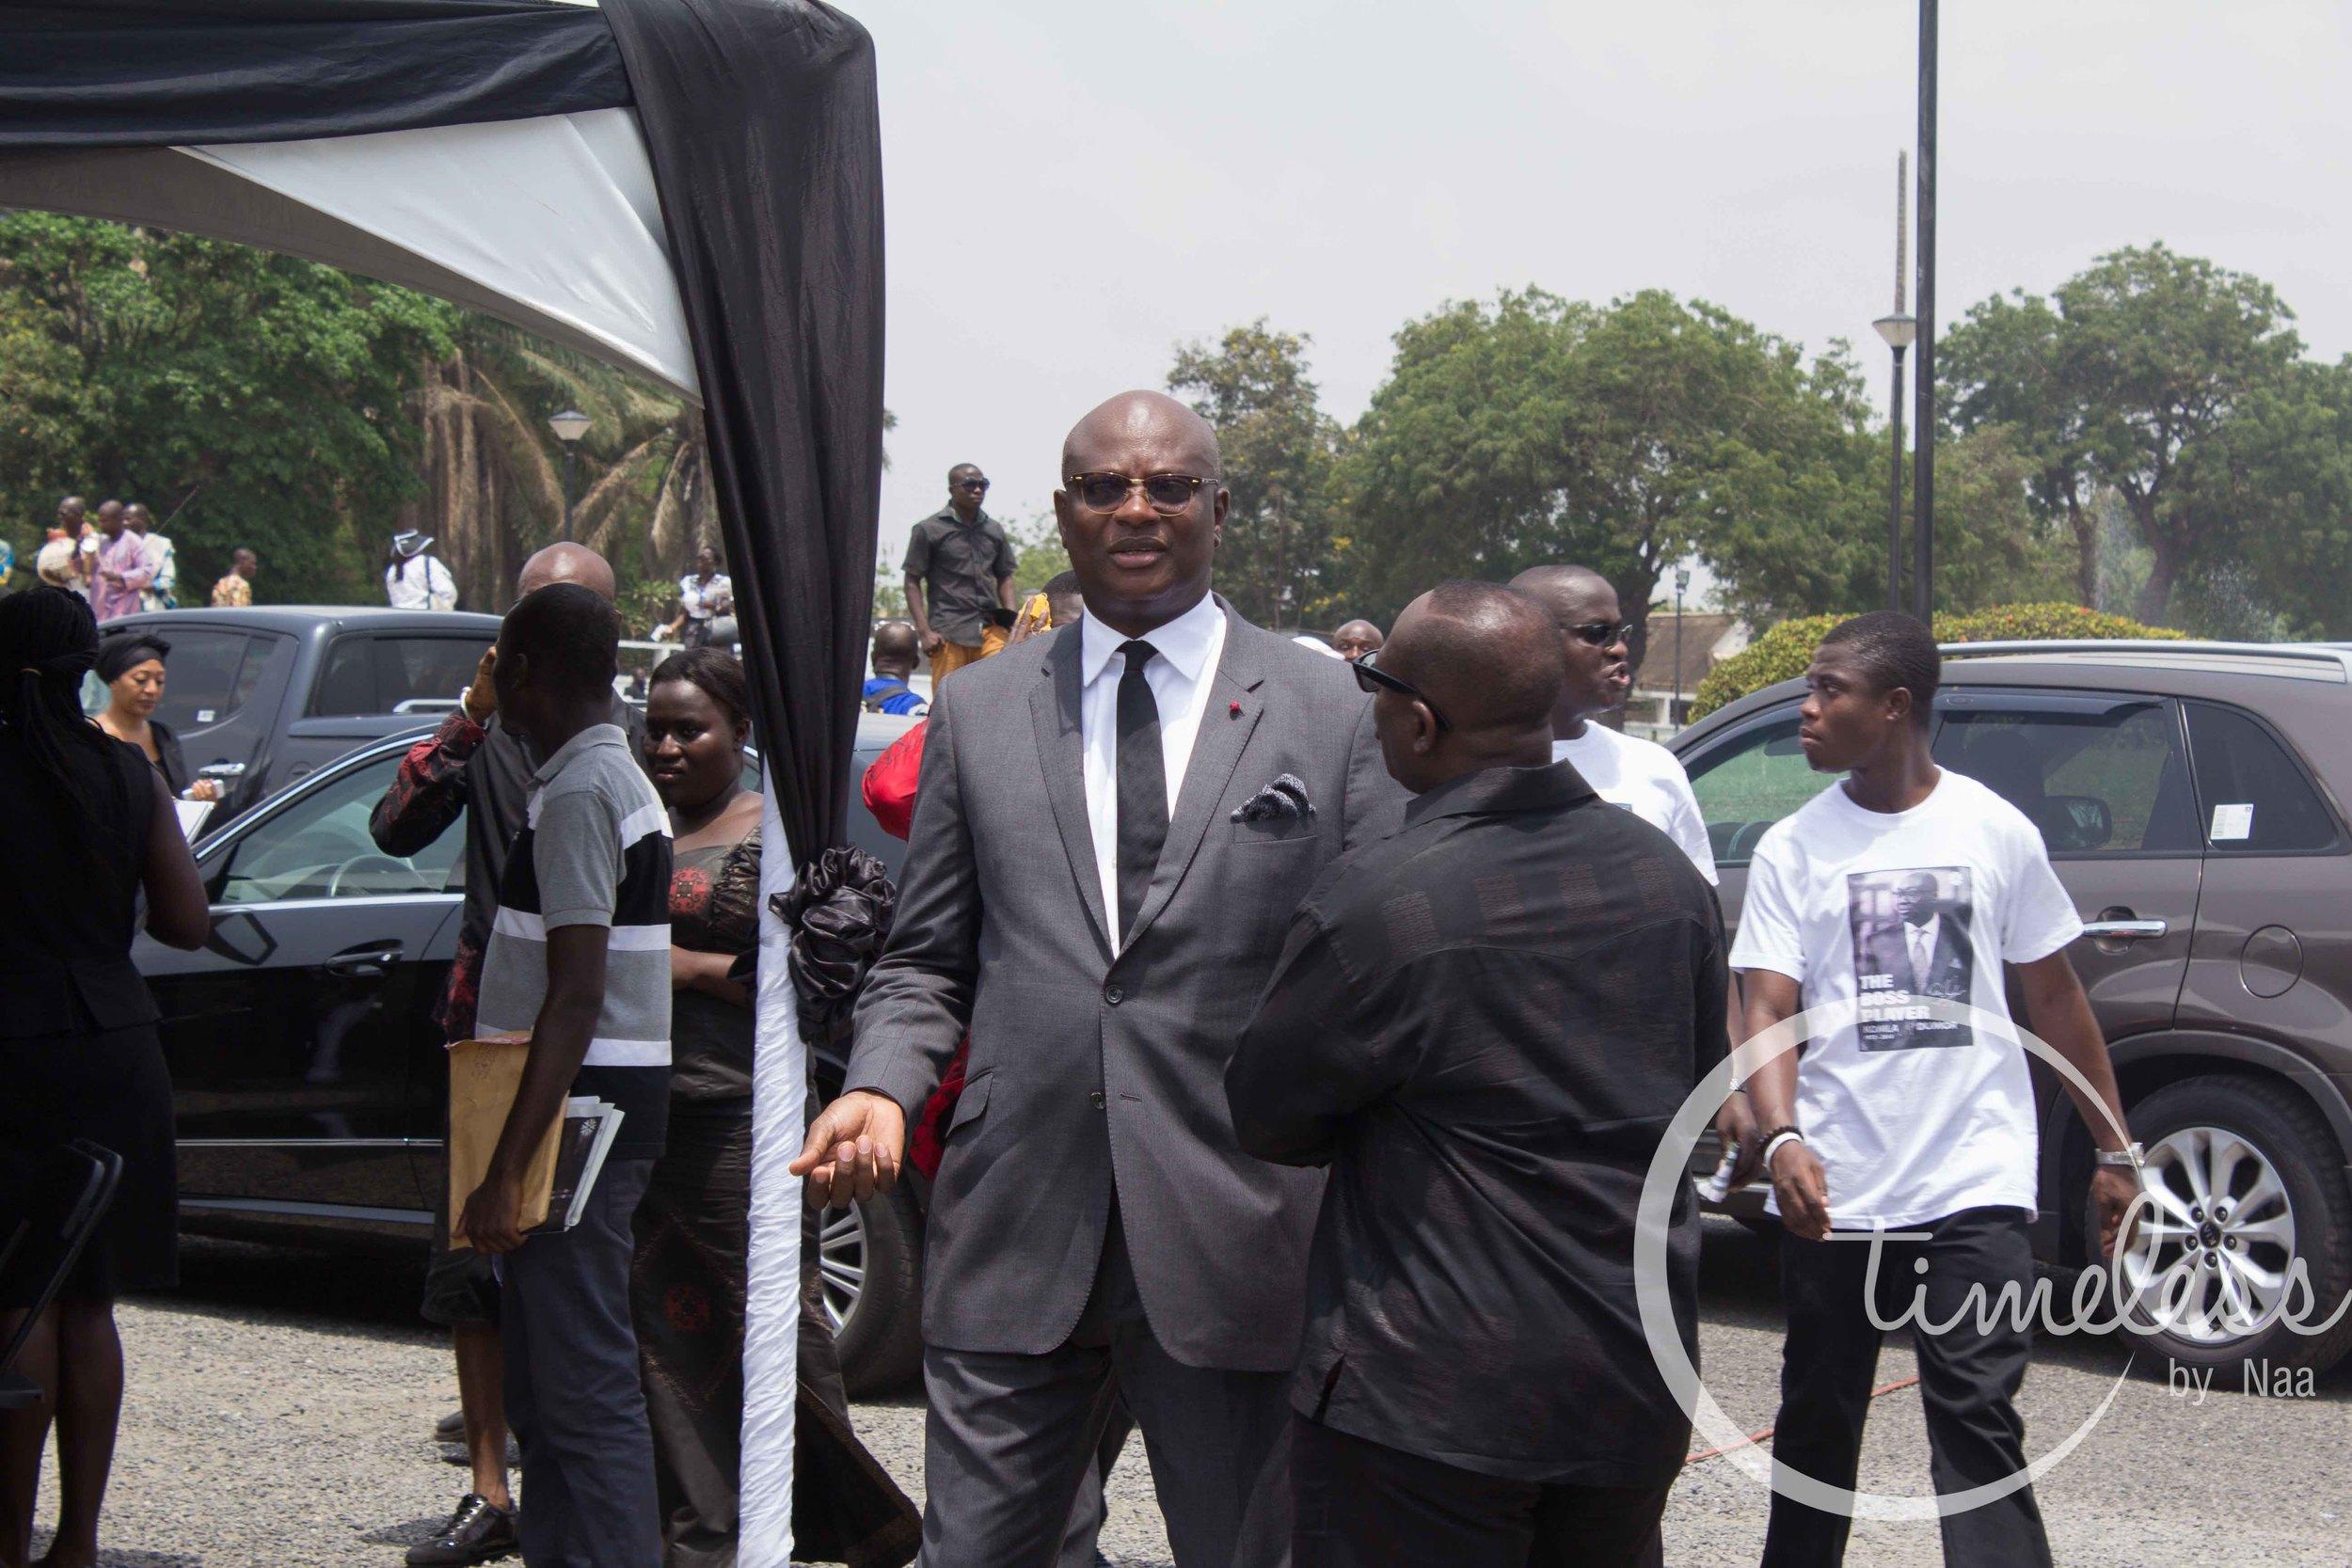 Kojo Bonsu, mayor of Kumasi